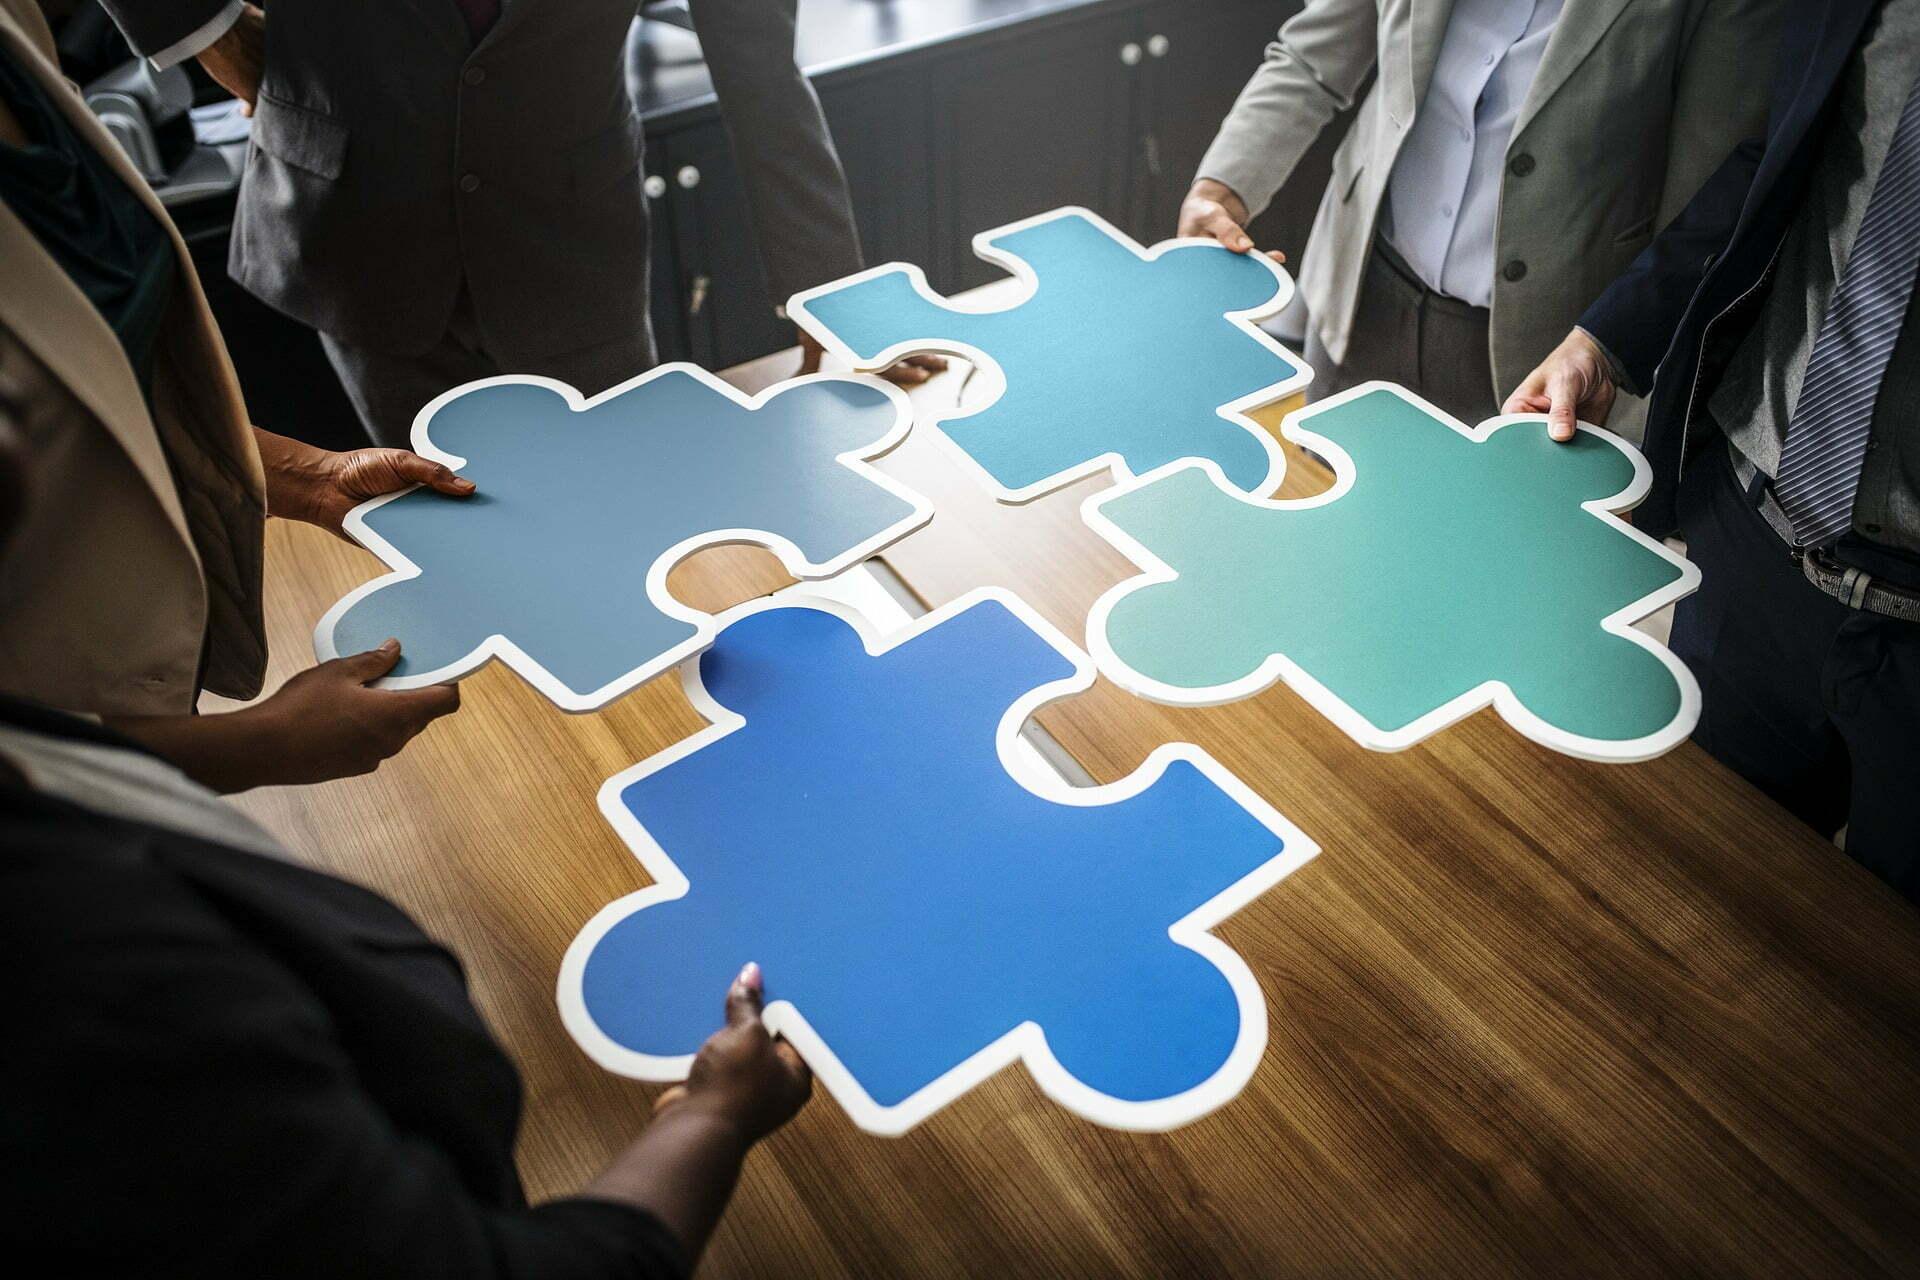 Strategie und Taktik Puzzle